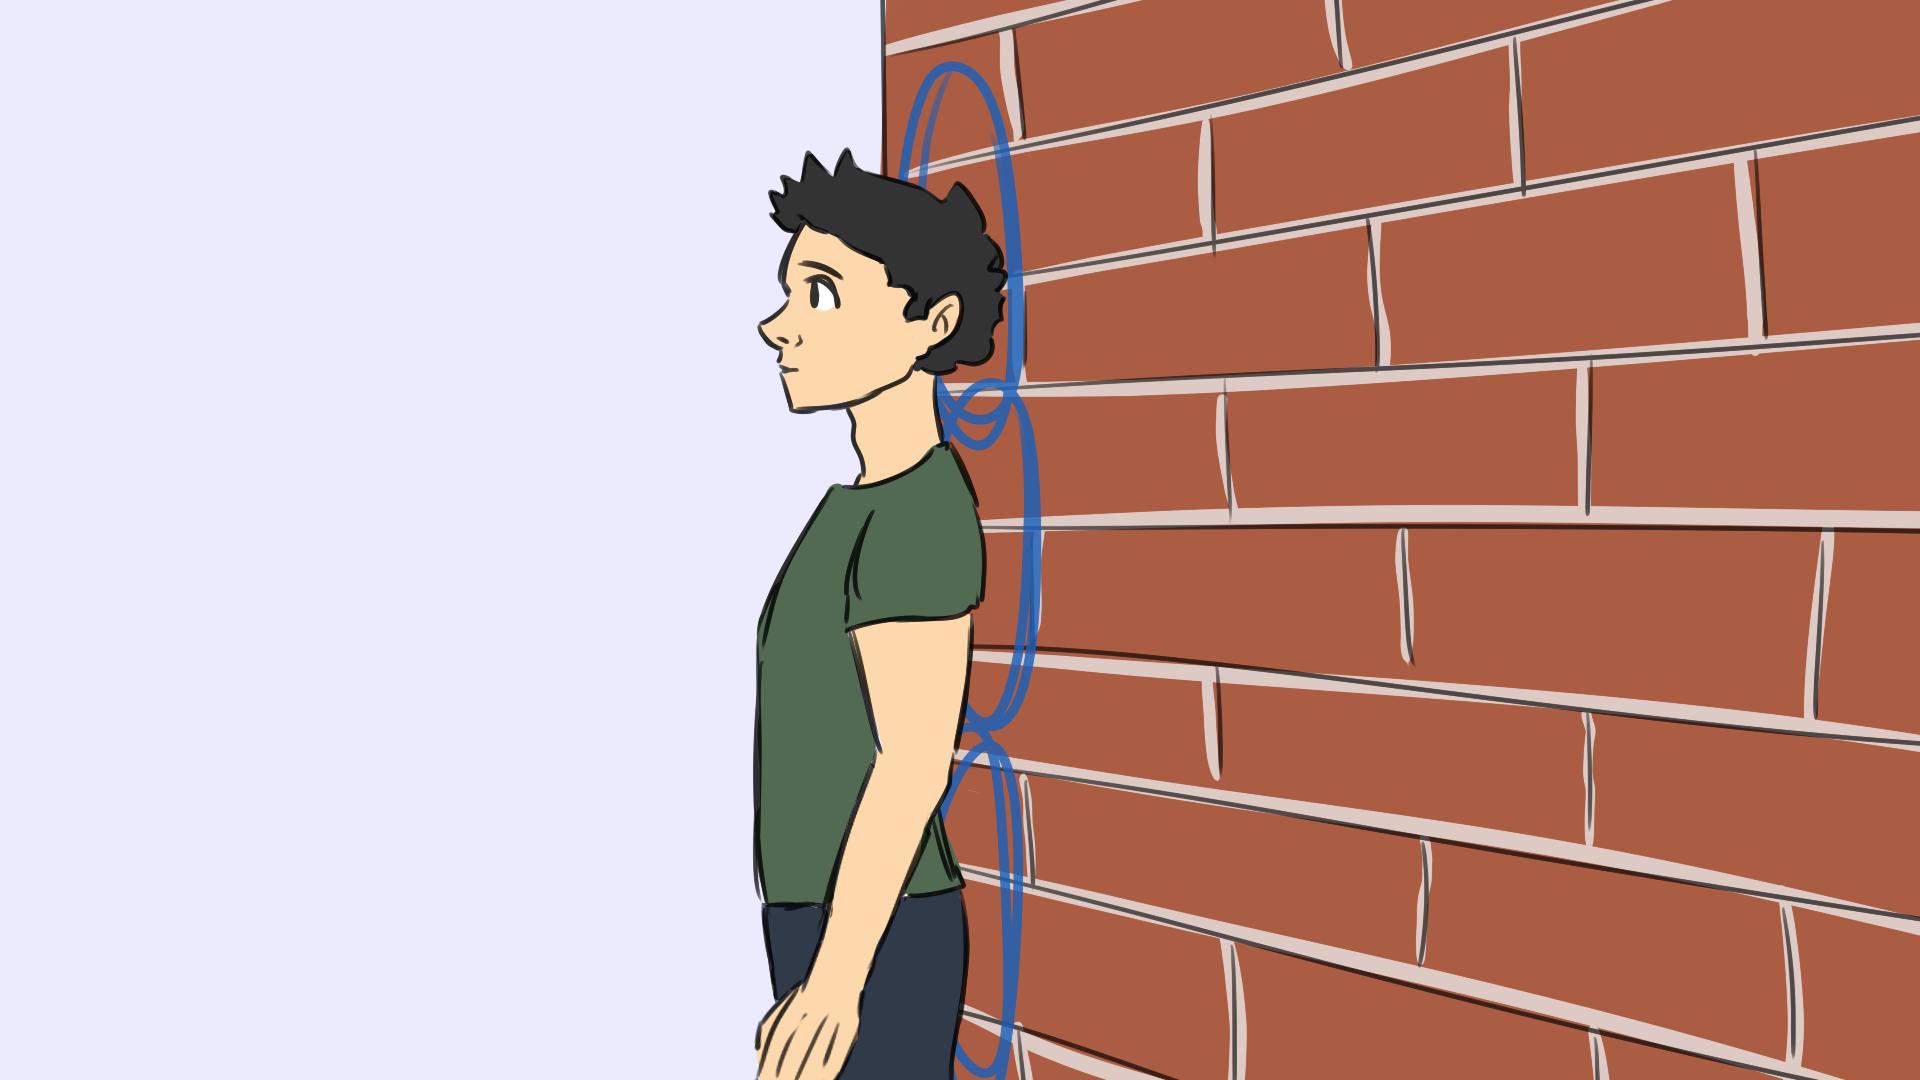 An Wand stehen - Selbstbewusstes Auftreten